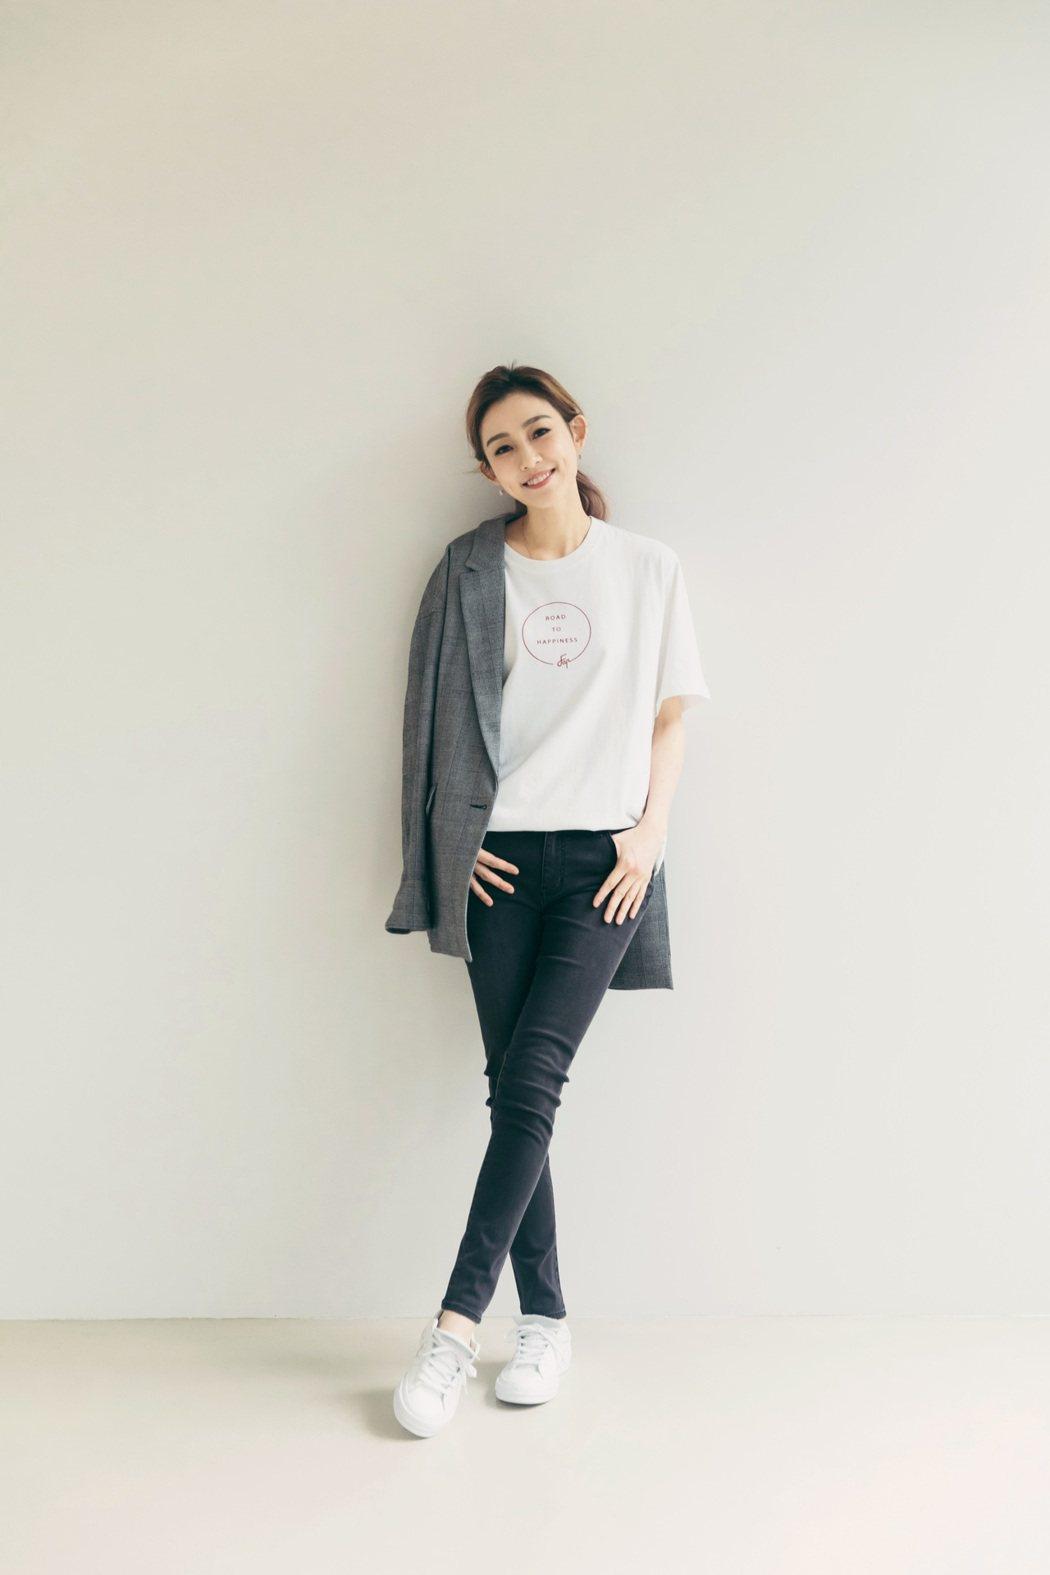 范瑋琪為新戲「我的男孩」獻唱片頭曲「溫柔的奇蹟」。圖/福茂唱片提供